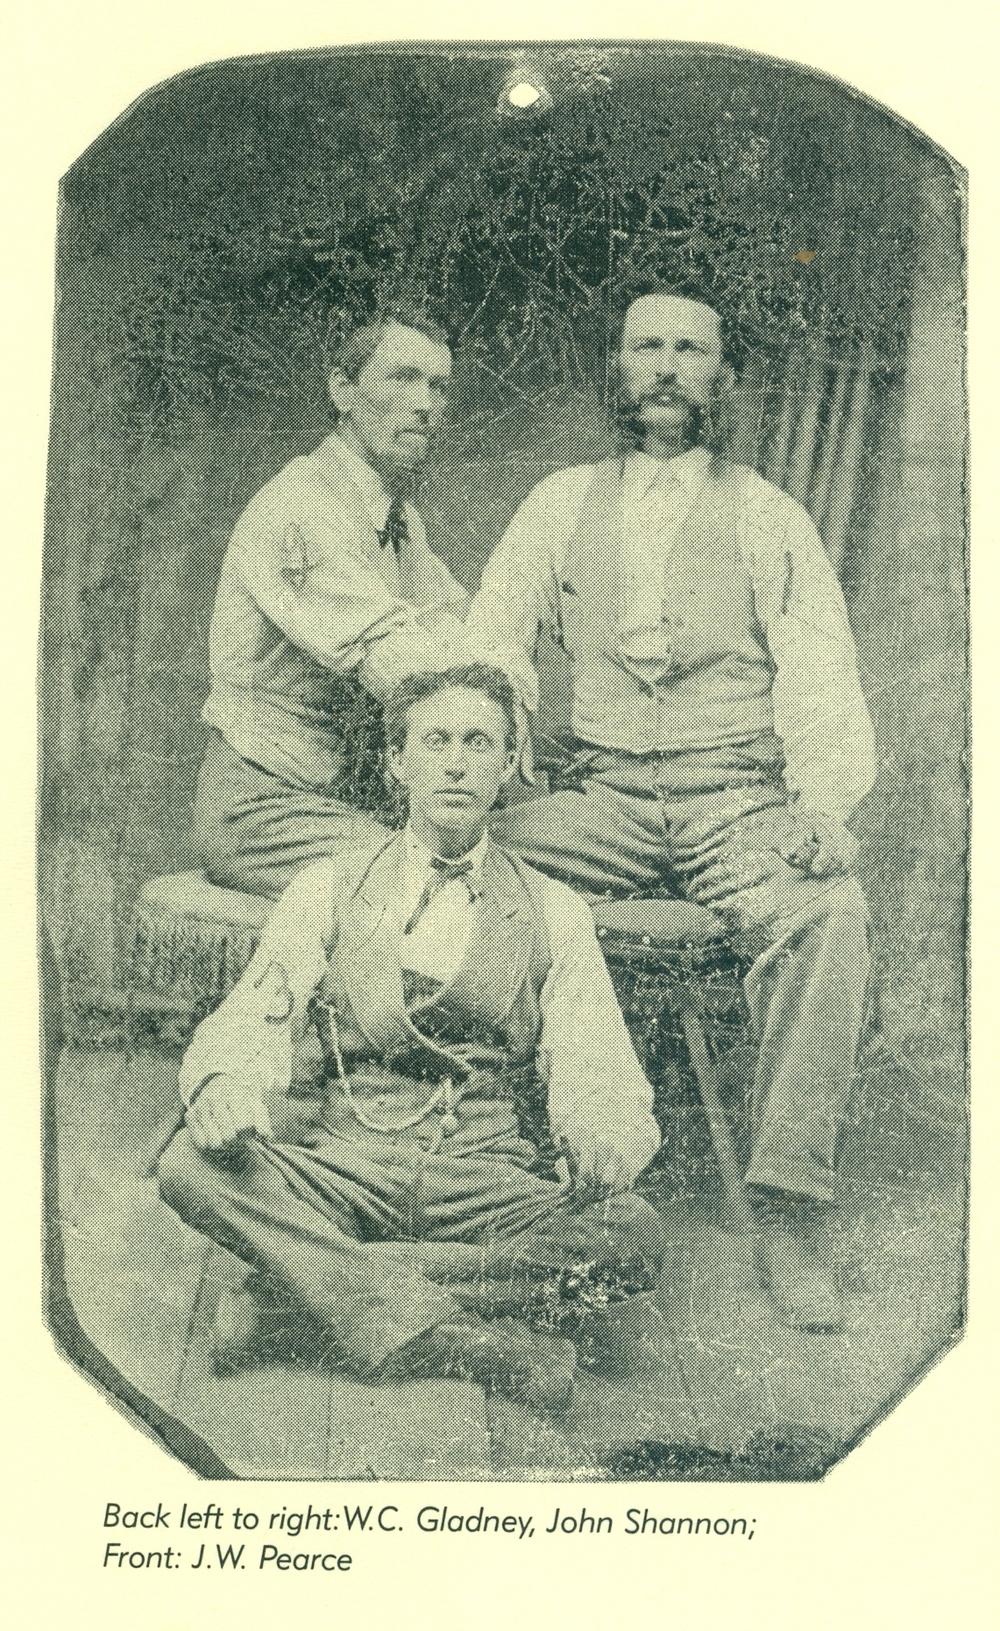 W.C. Gladney, John Shannon,  J.W. Pearce in front